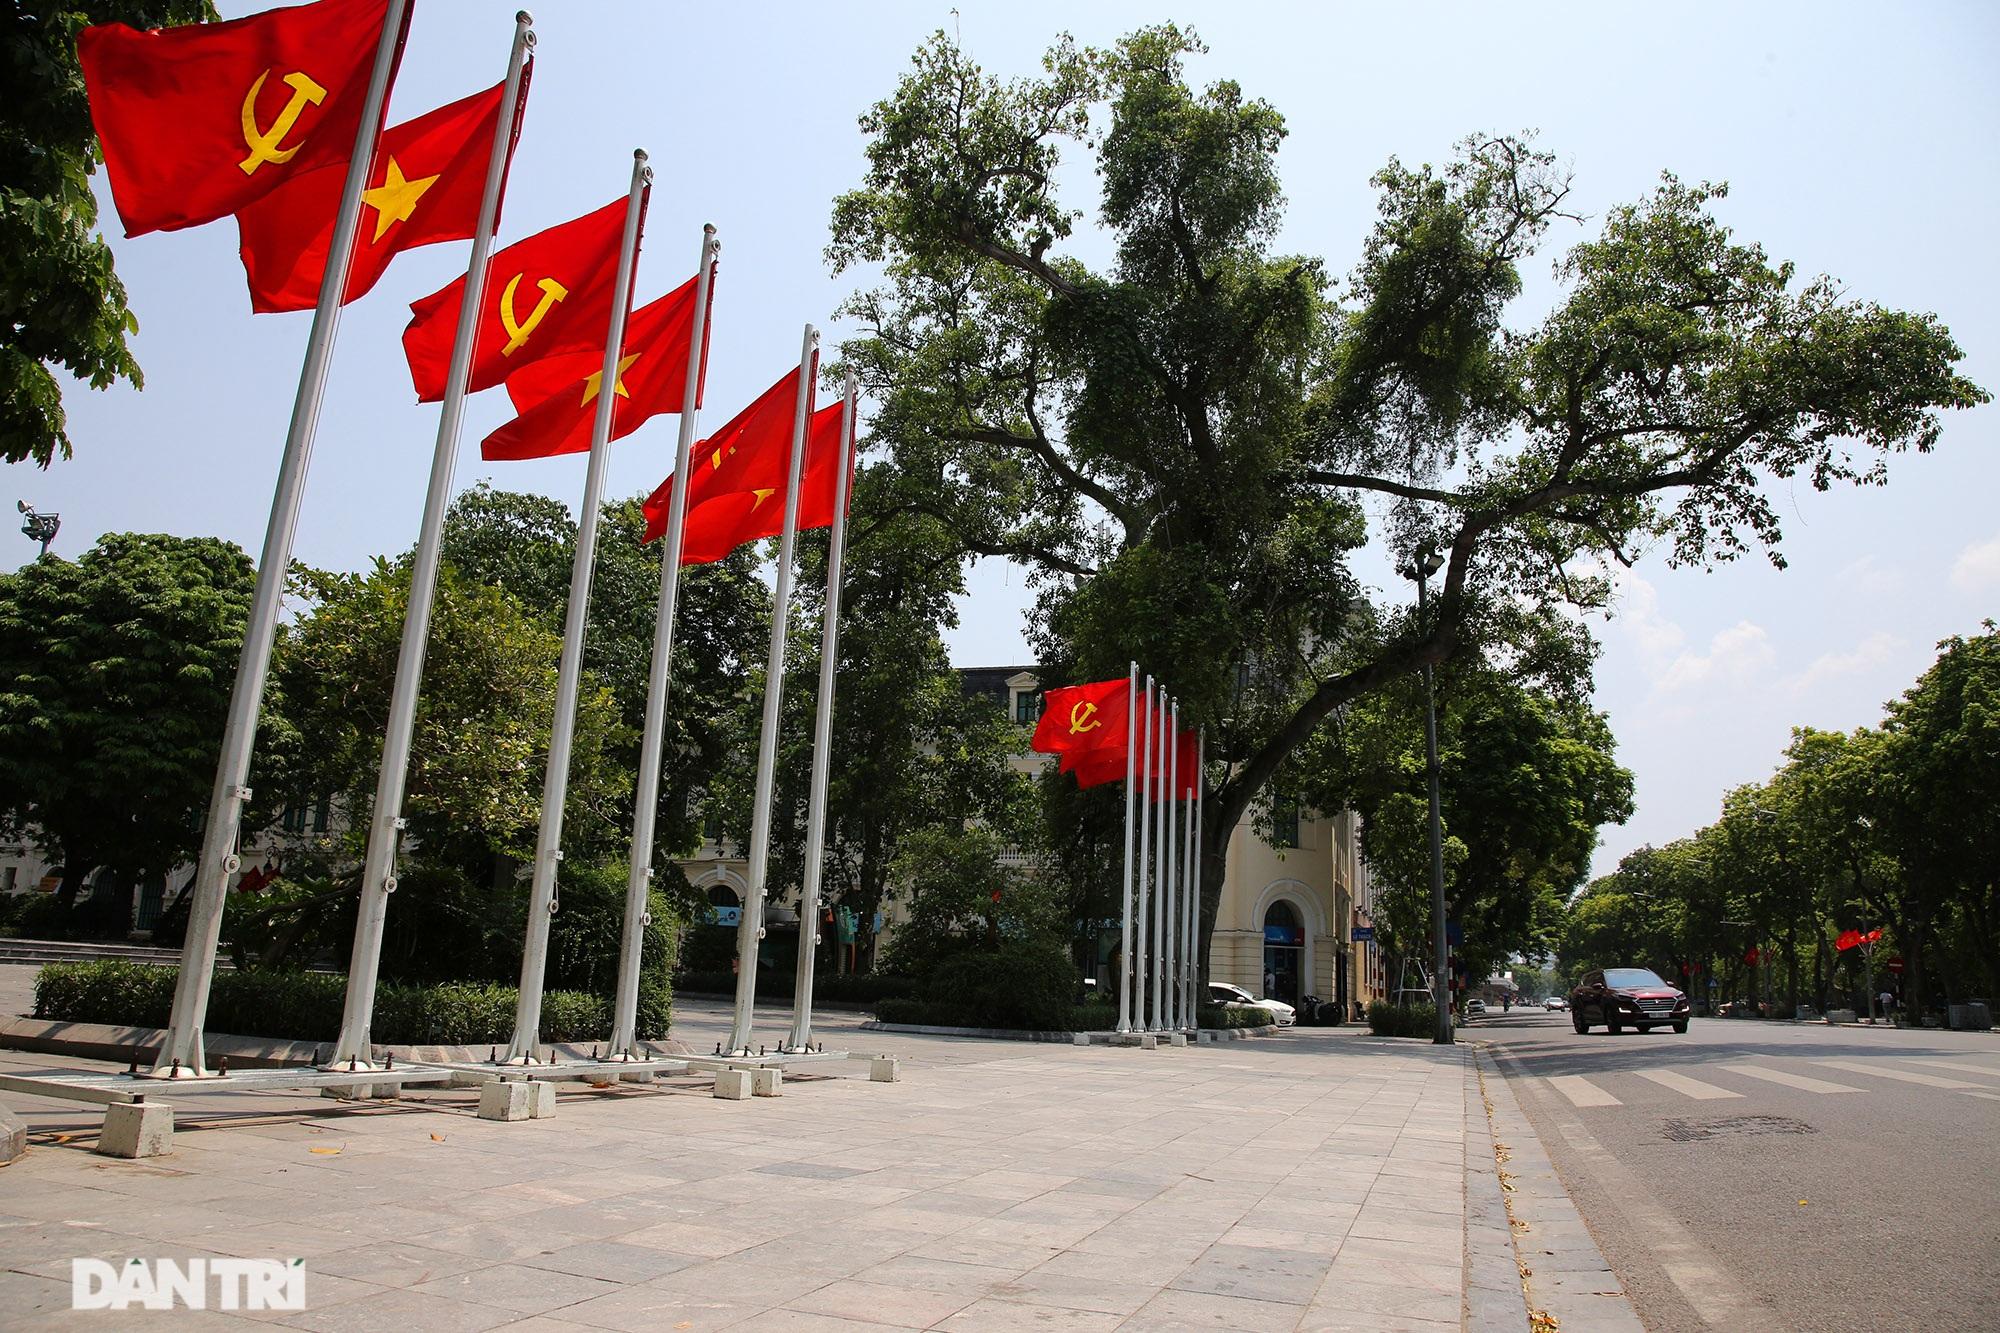 Hà Nội: Cờ Tổ quốc đỏ rực khắp phố phường mừng ngày Quốc Khánh - 1